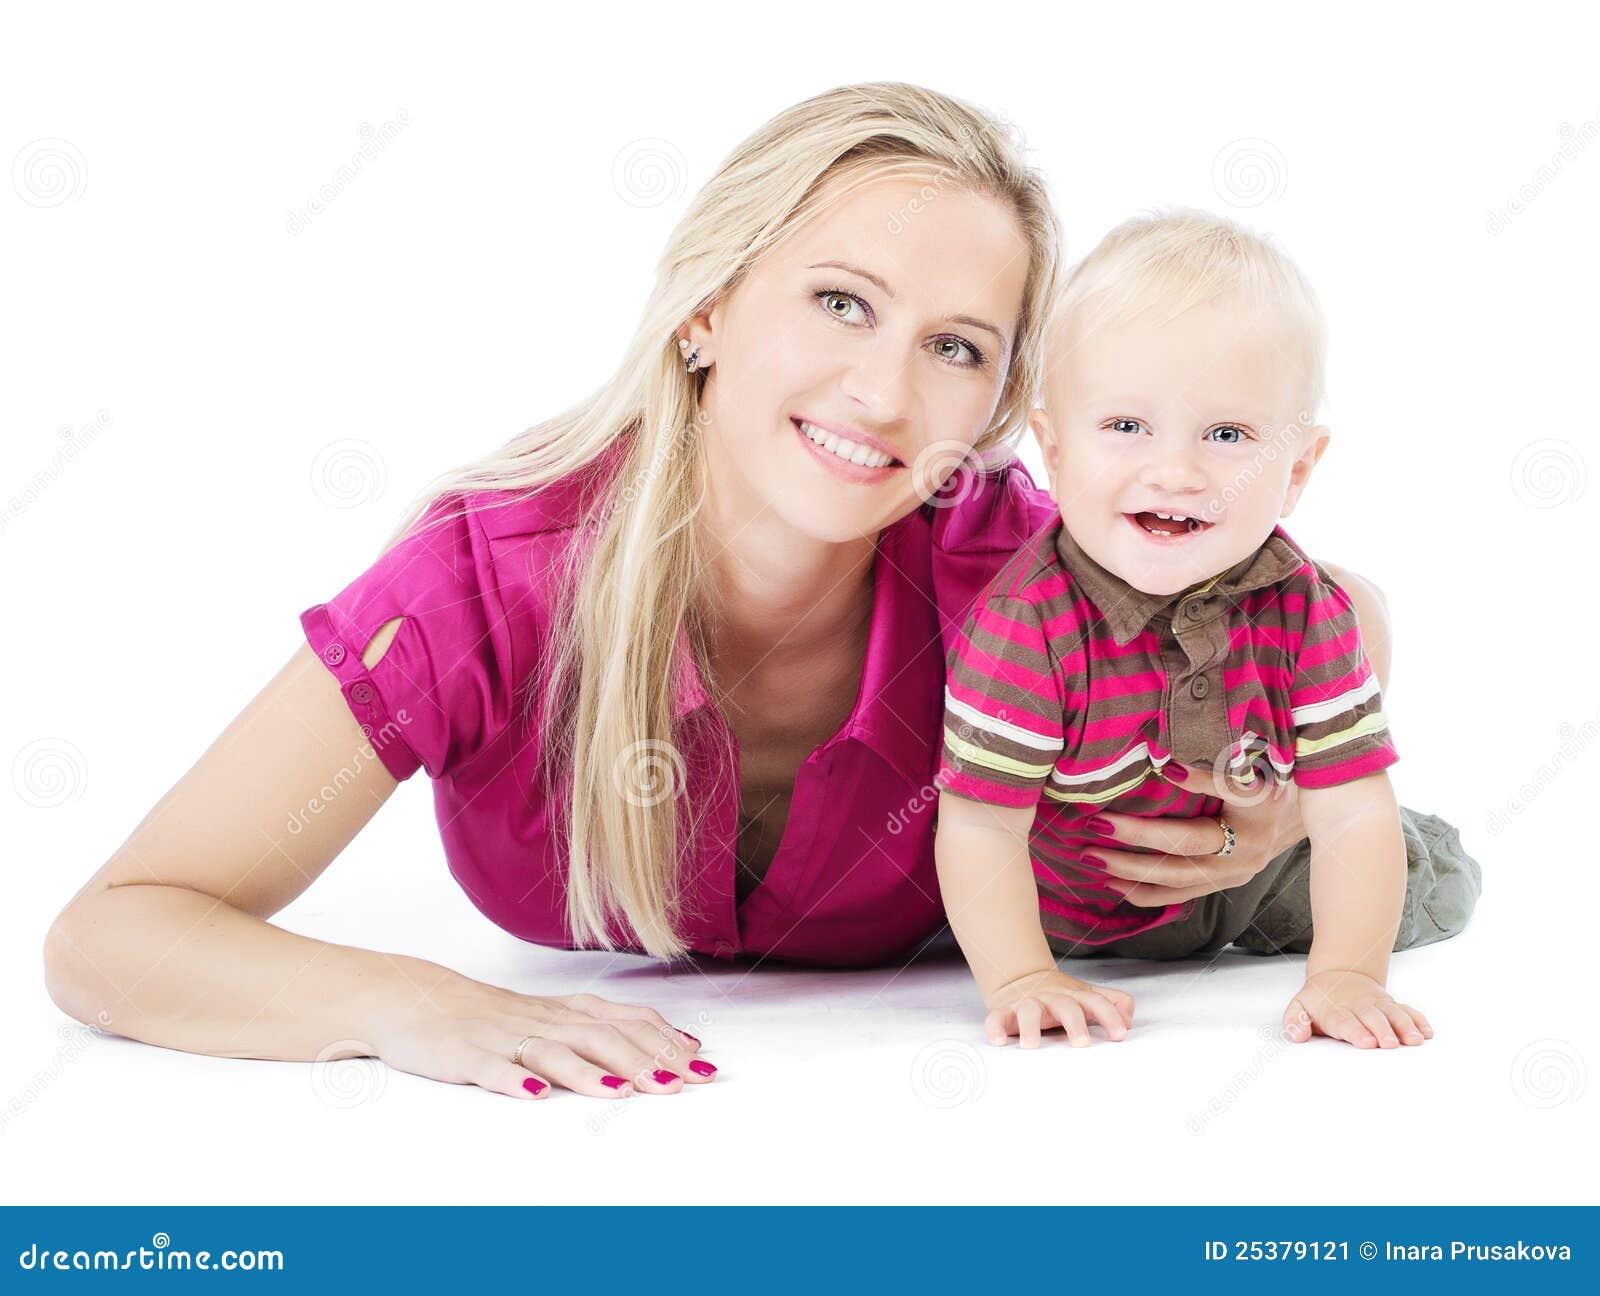 С мамой на полу 10 фотография